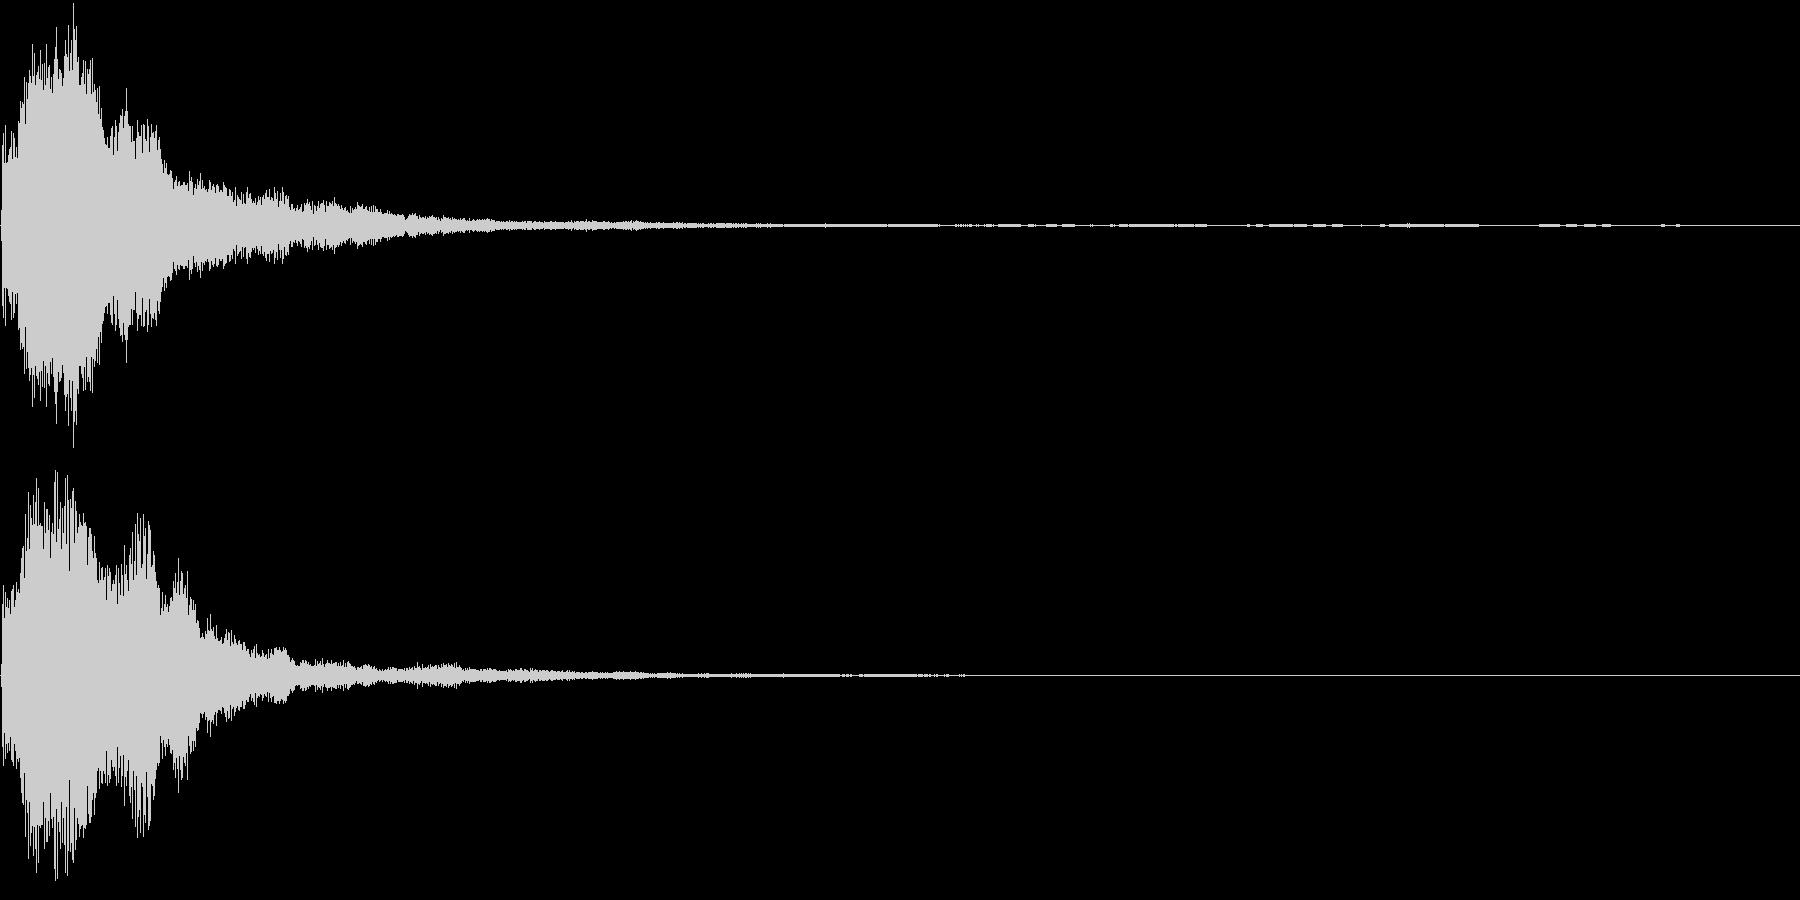 キラキラ 発見 見つける 発明 開始 3の未再生の波形